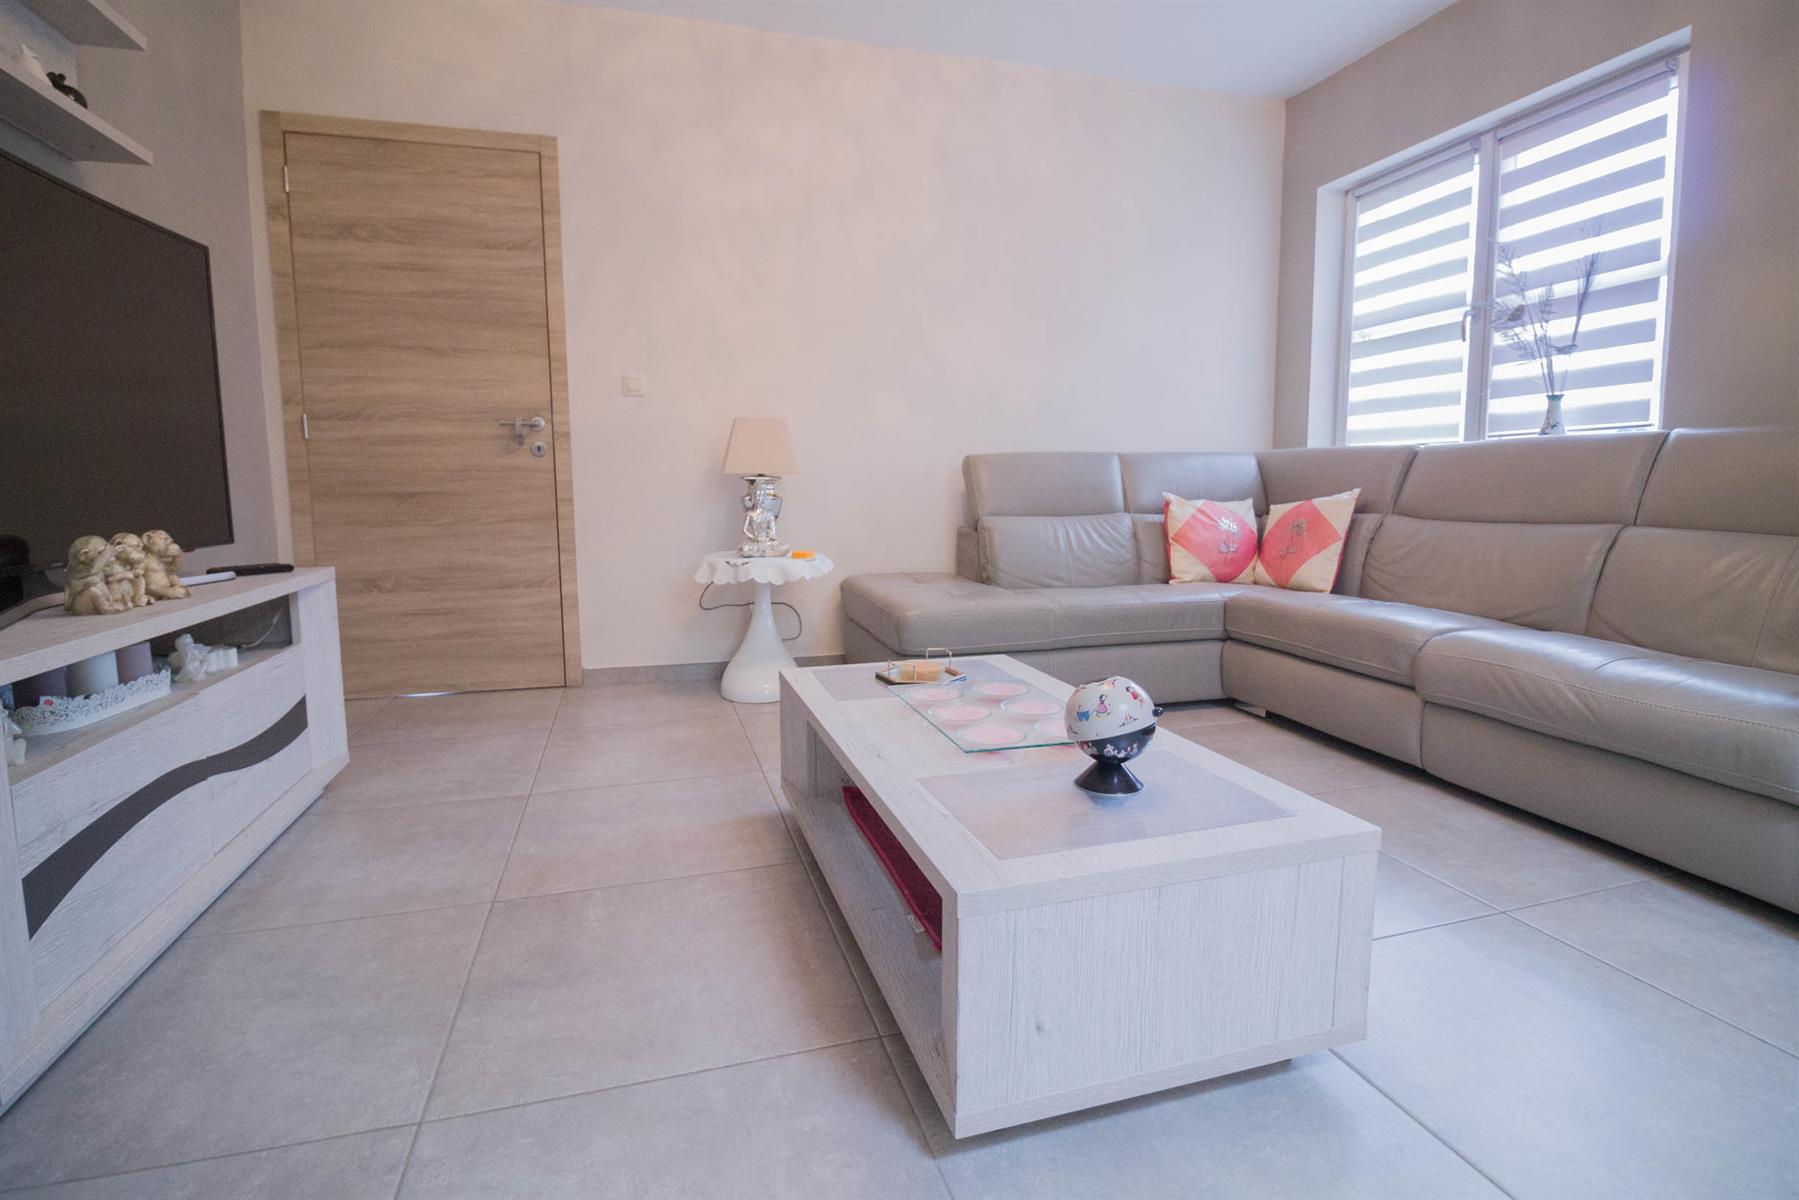 Maison - Courcelles - #4268112-5